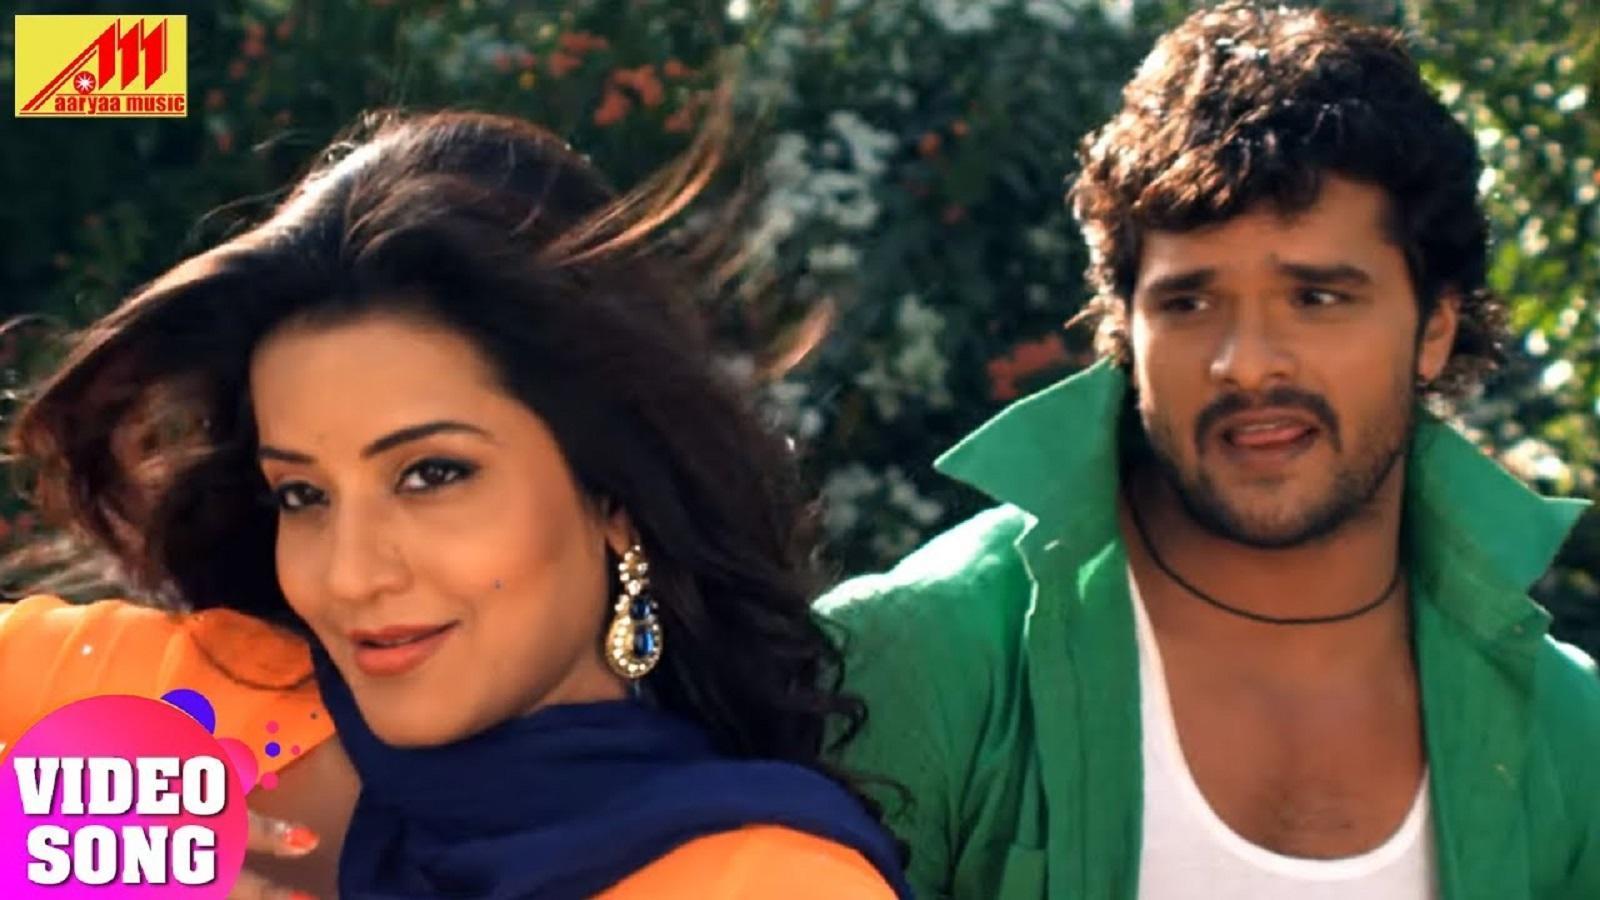 Khesari Lal Yadav Ka Naya Bhojpuri Gana Monalisa Video Song: Latest  Bhojpuri song 'Mahuaa Niyat Madmatal' sung by Khesari Lal Yadav Ft. Monalisa